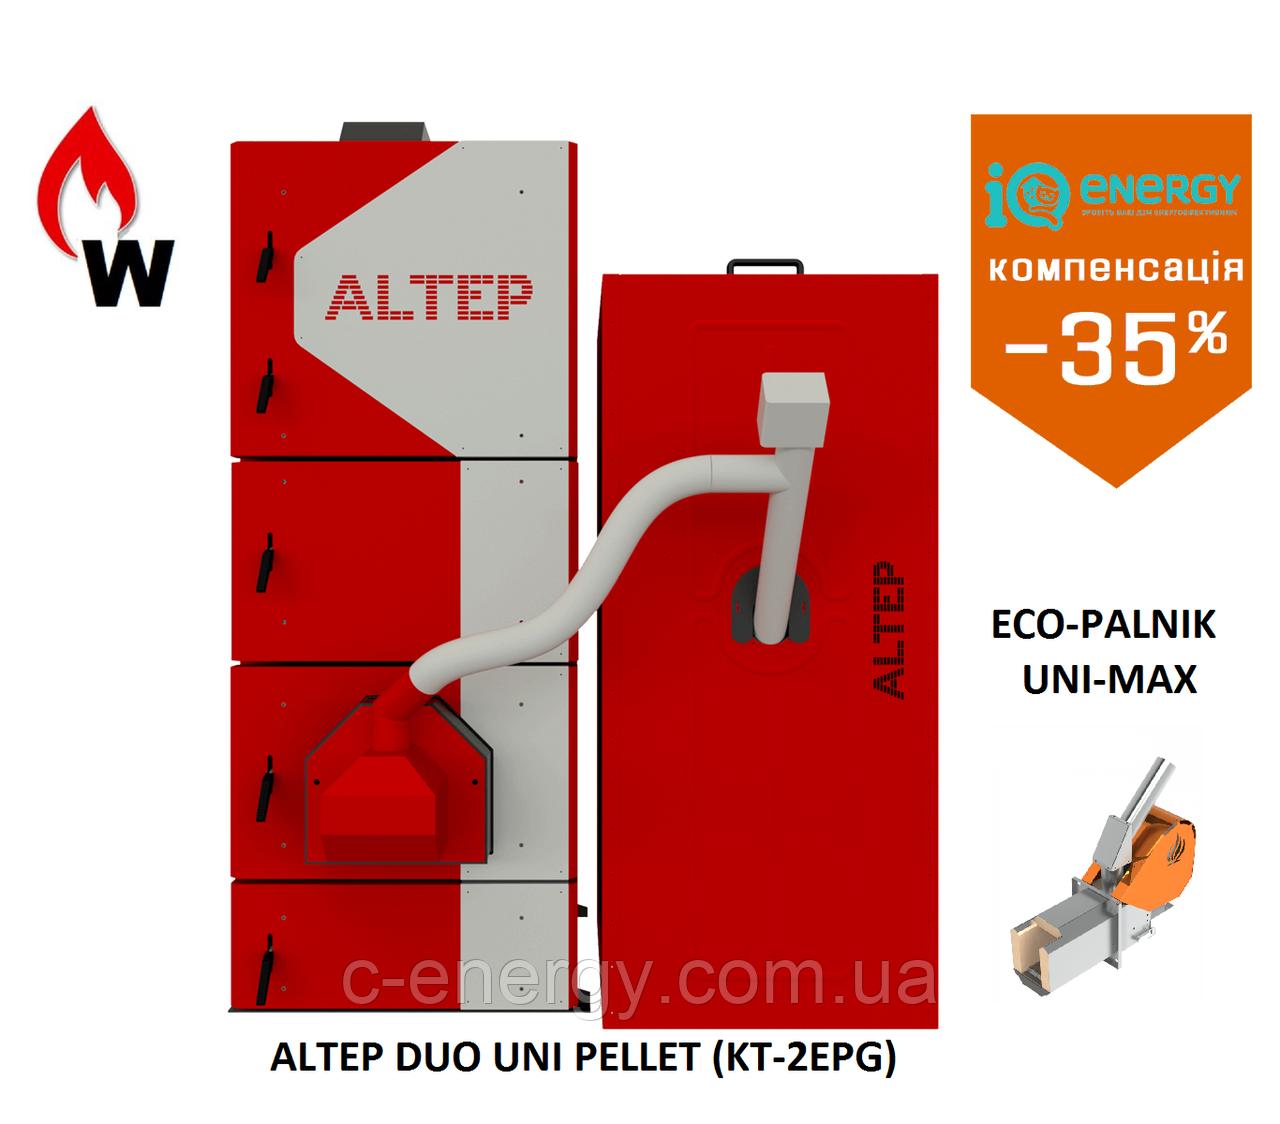 Пелетный  котел Альтеп Duo  Uni Pellet 33 кВт (KT-2EPG) +Eco-Palnik Uni-MAx, фото 1